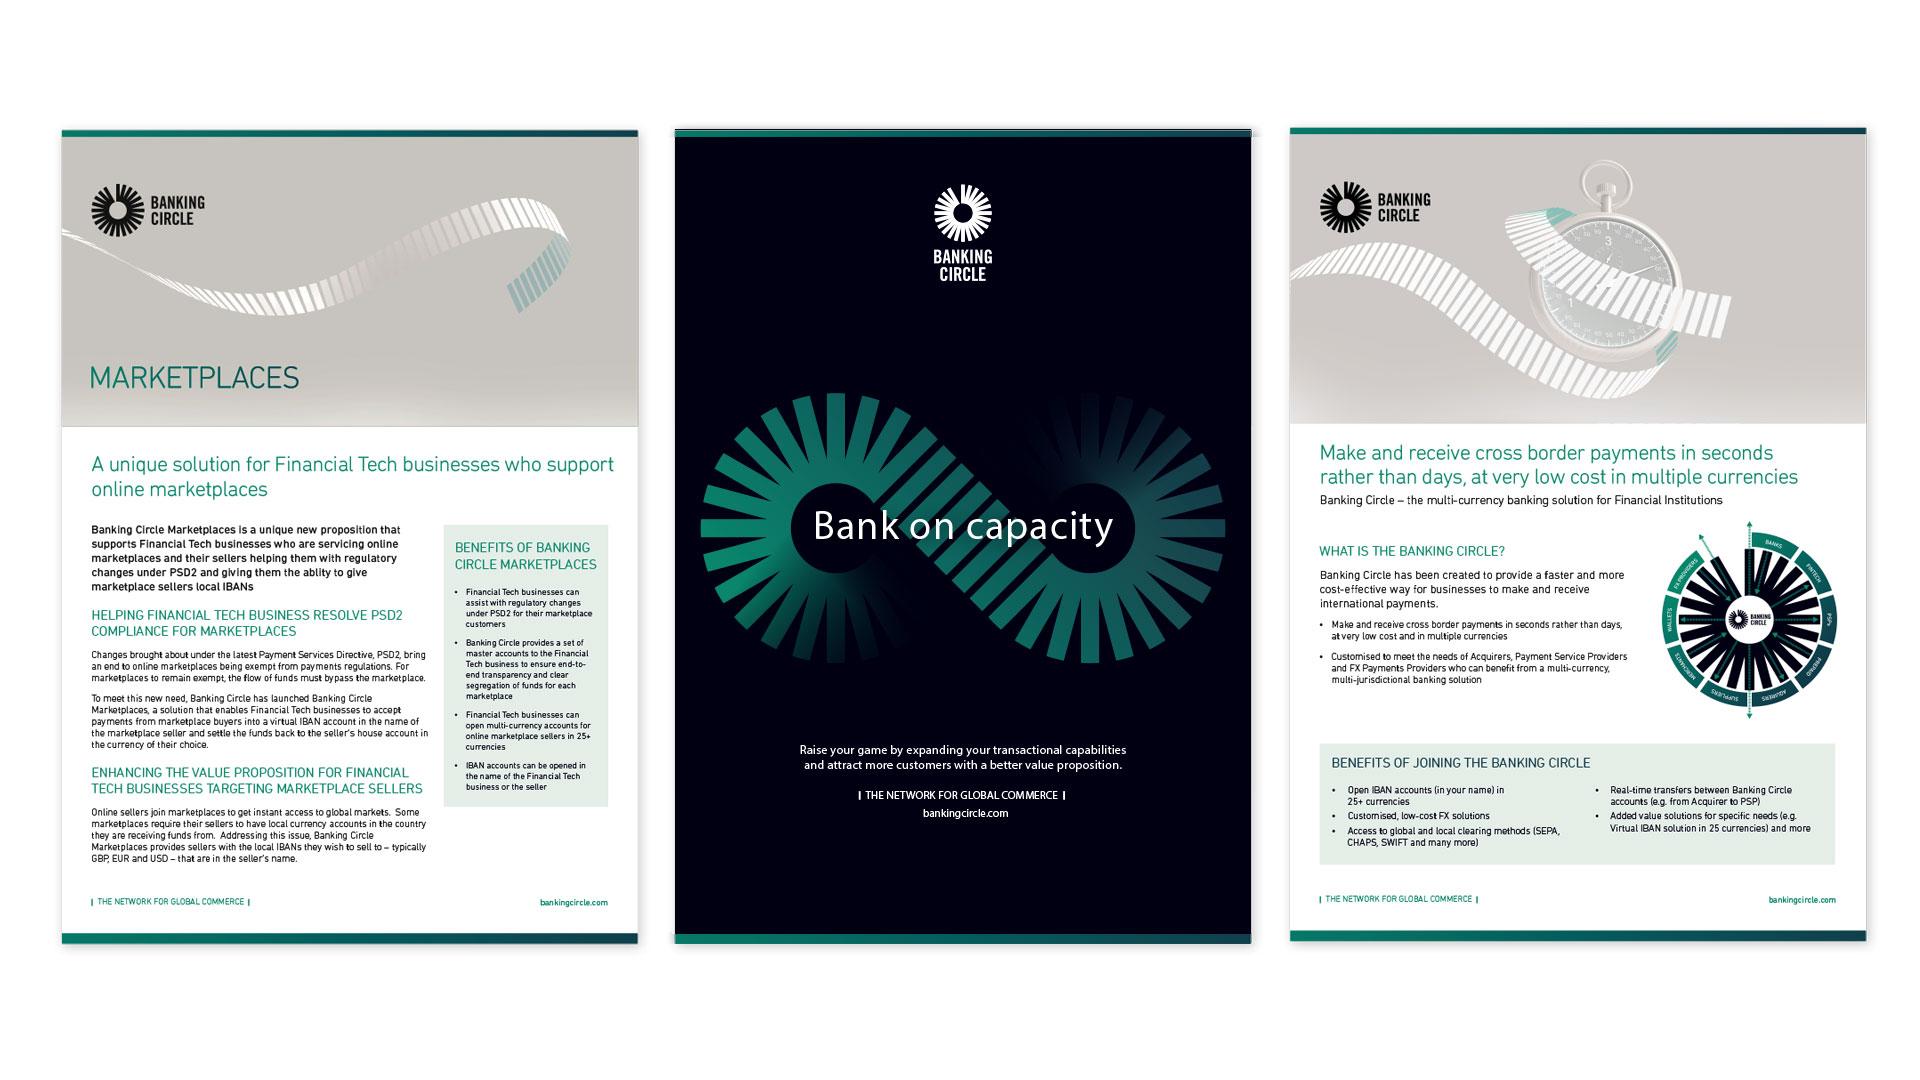 banking circle literature design